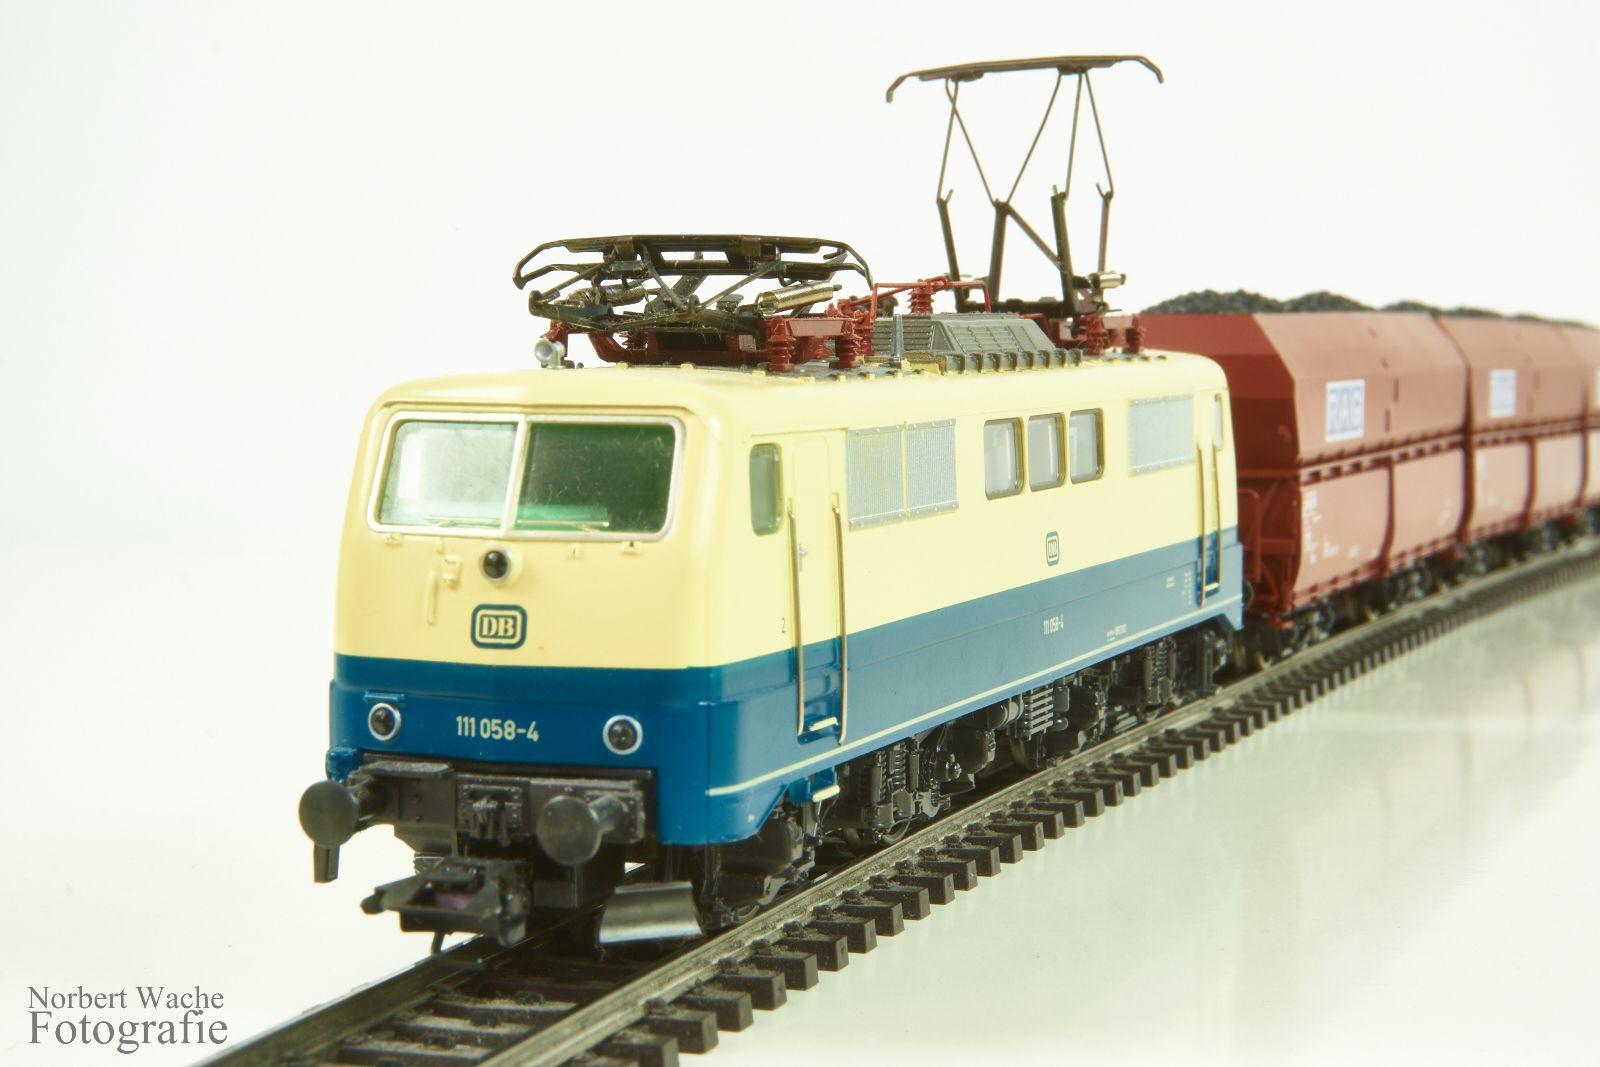 Maerklin 3342 BR111058-4